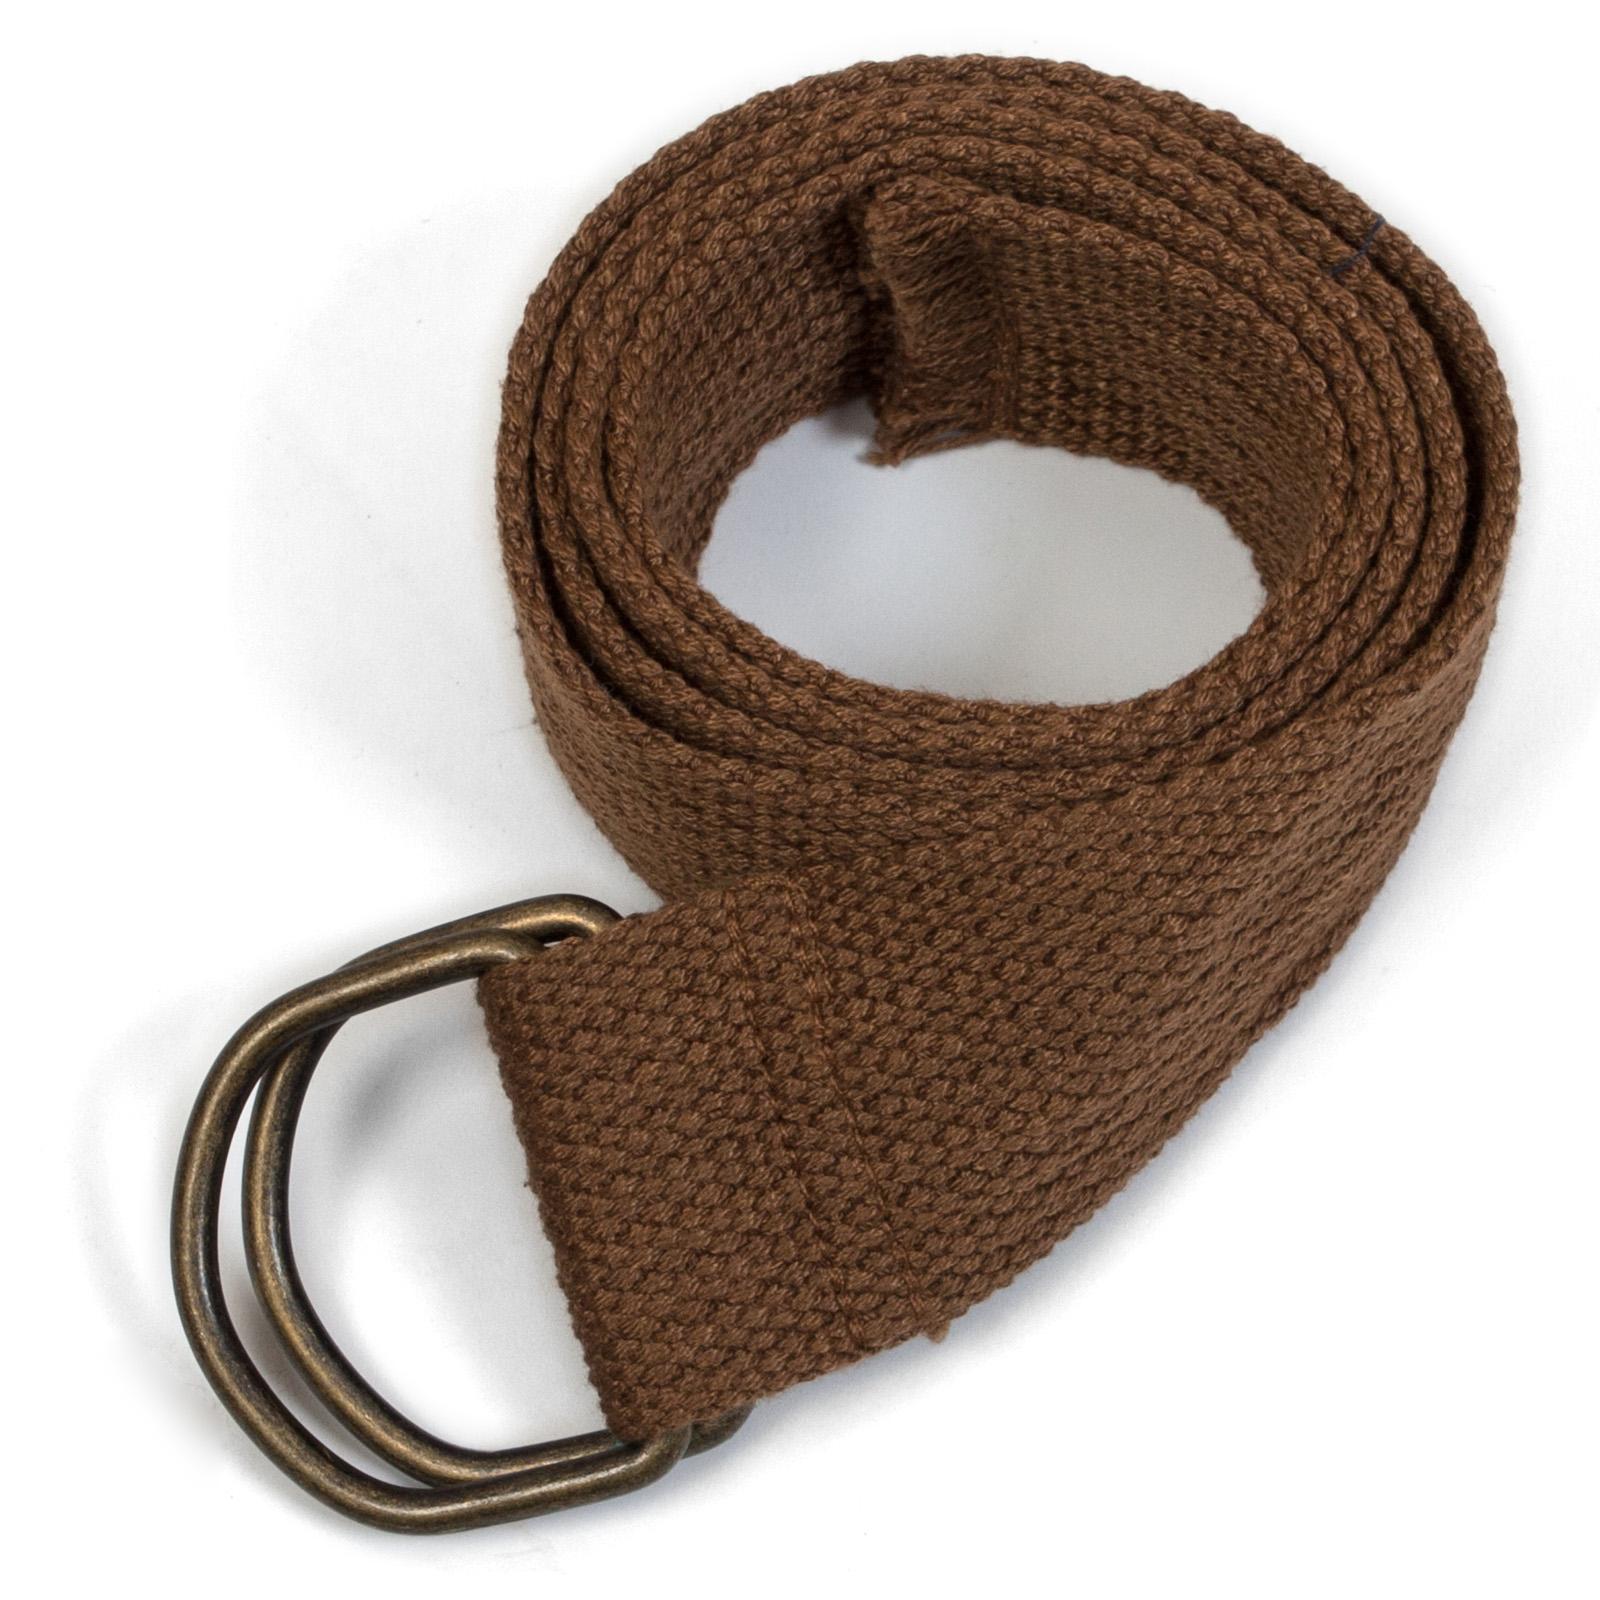 Ремень коричневый мужской - купить в интернет-магазине